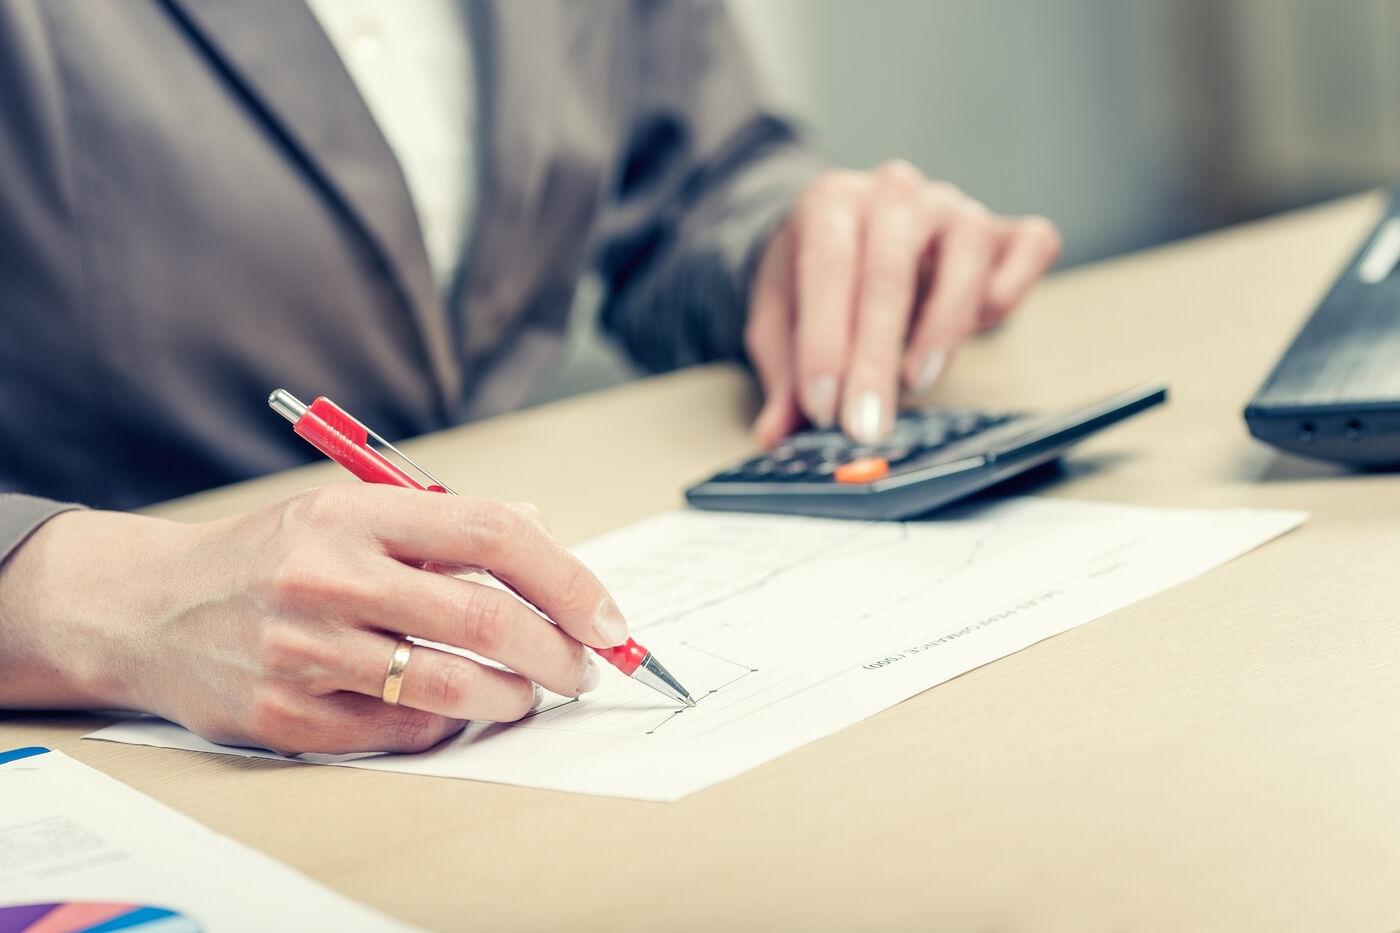 MANAGER KONZERNRECHNUNGSLEGUNG (IFRS) (M/W/D) - Job Hannover - Ihre Chance bei Syntellix - aktuelle Einstiegsmöglichkeiten